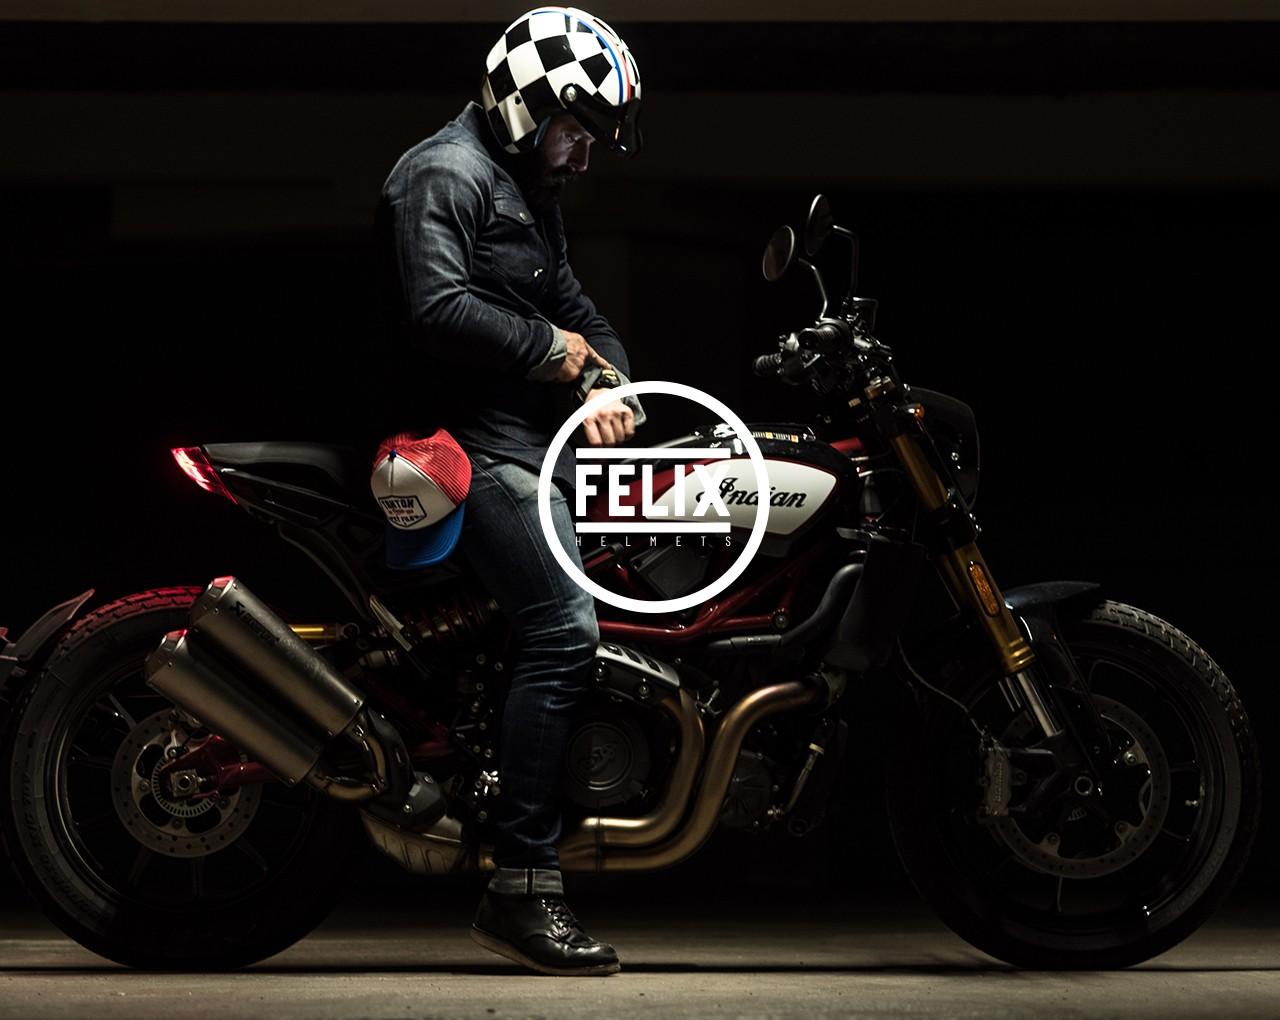 Felix motocyclette